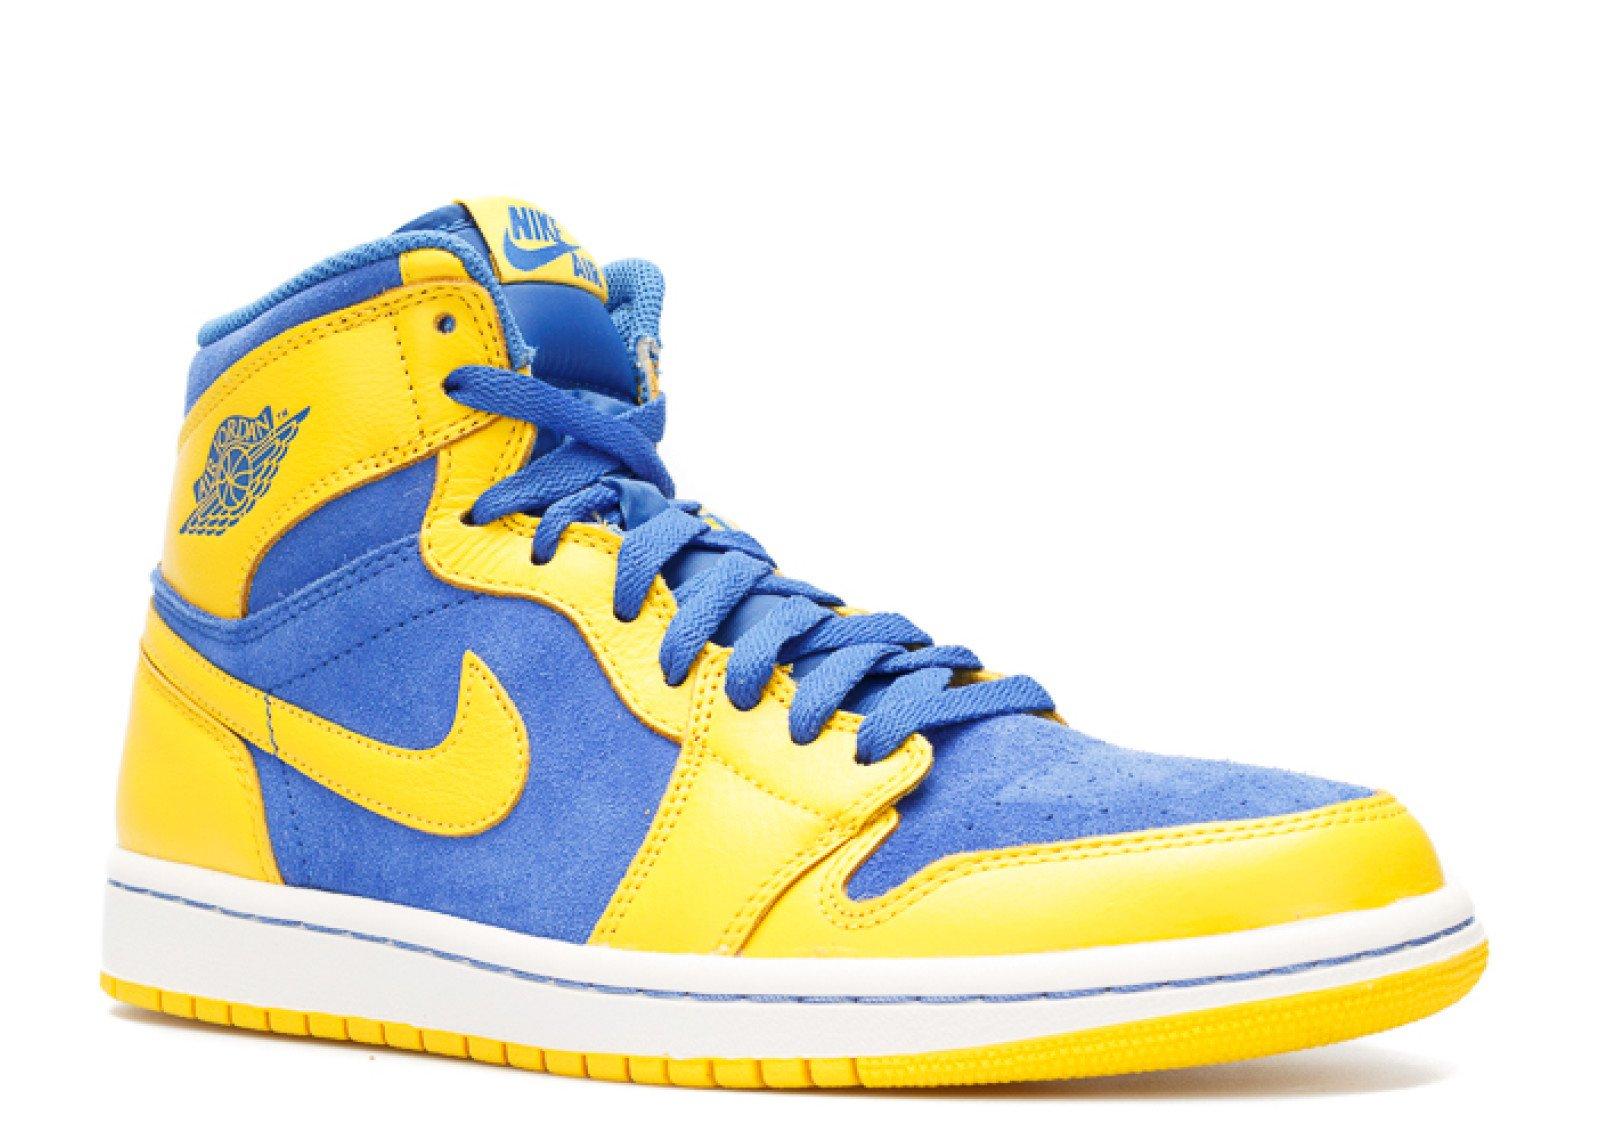 15ccbabfda168 Galleon - Nike Air Jordan 1 Retro High OG Laney Mens Hi Top Basketball  Trainers 555088 707 Sneakers Shoes (uk 8 Us 9 Eu 42.5)